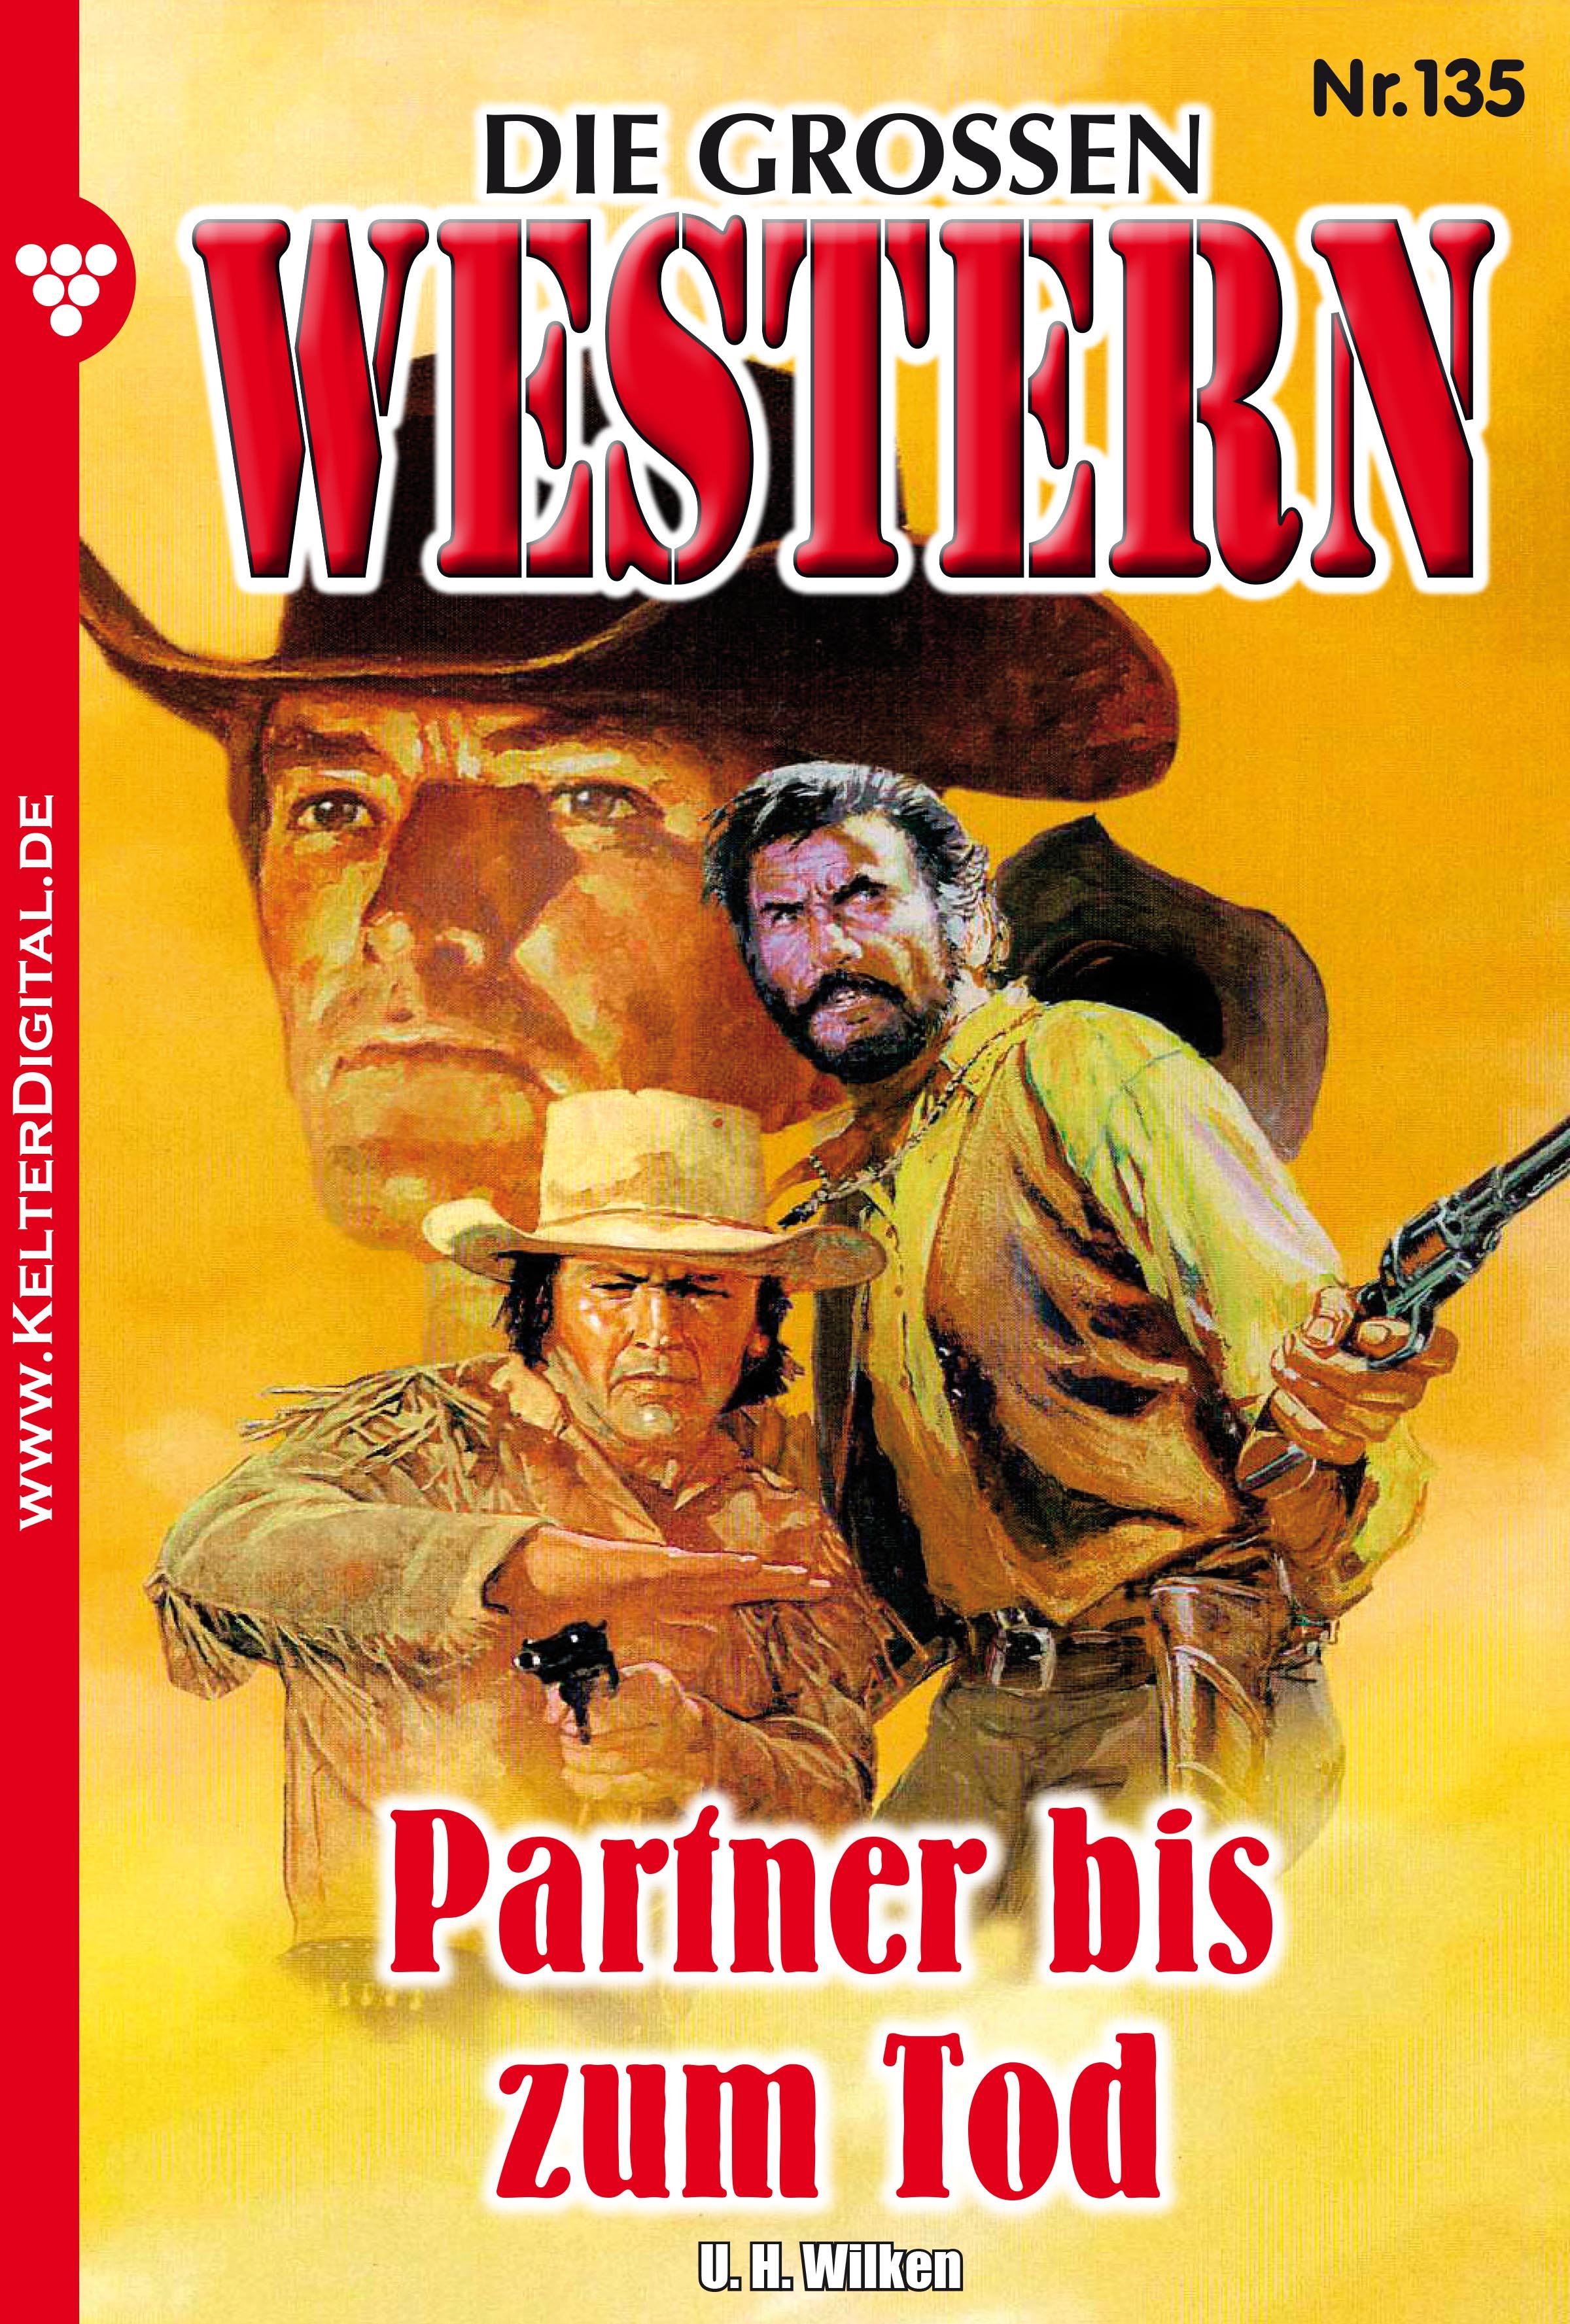 U.H. Wilken Die großen Western 135 joe juhnke die großen western 179